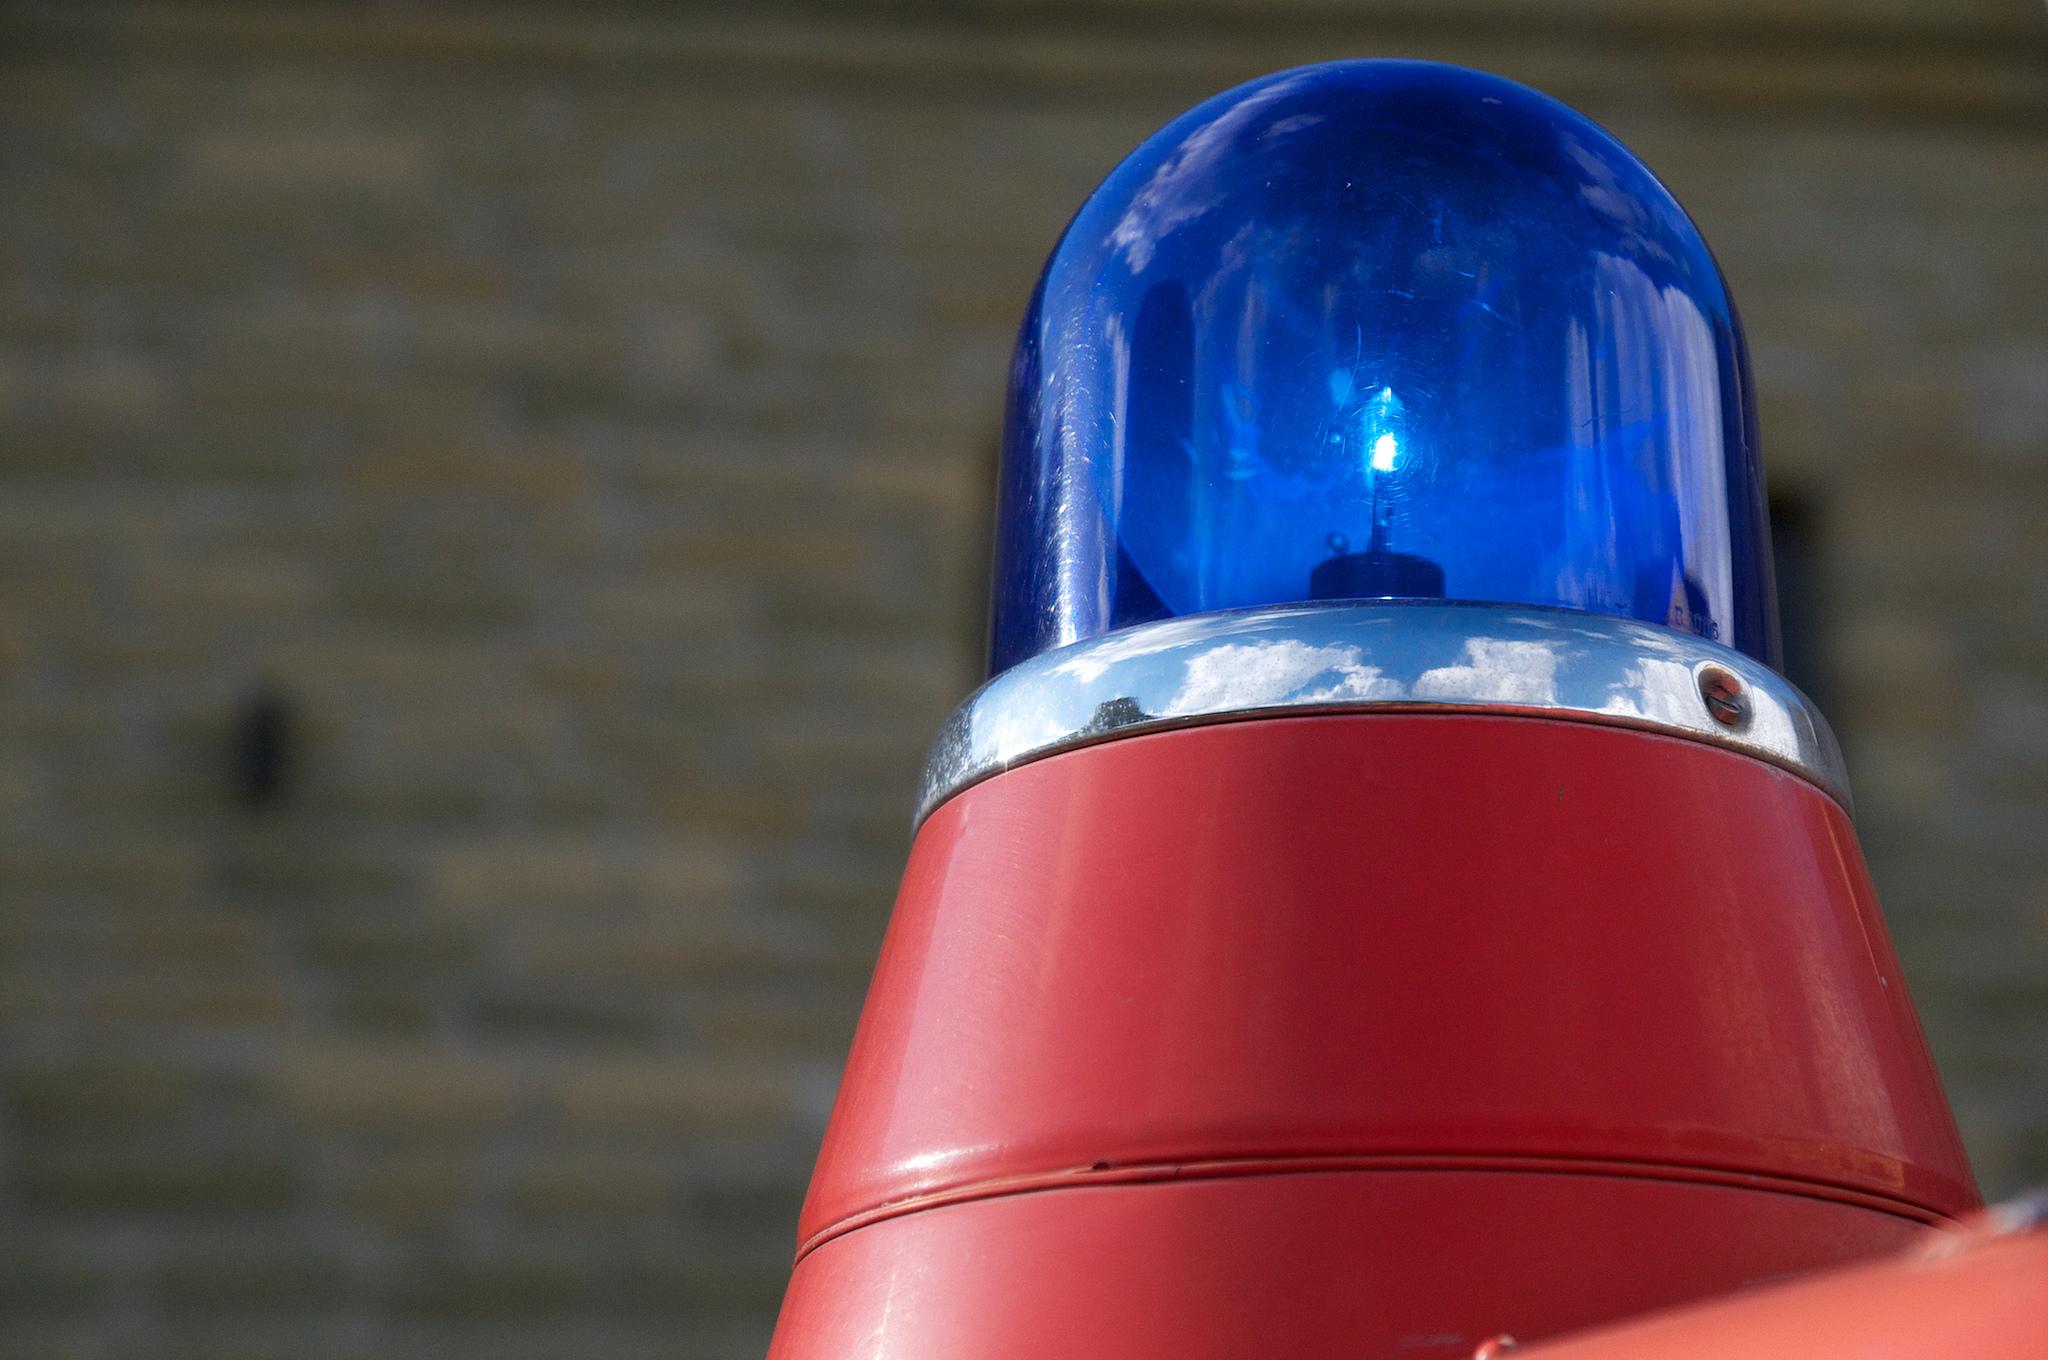 Feuerwehr Blaulicht Maik Meid